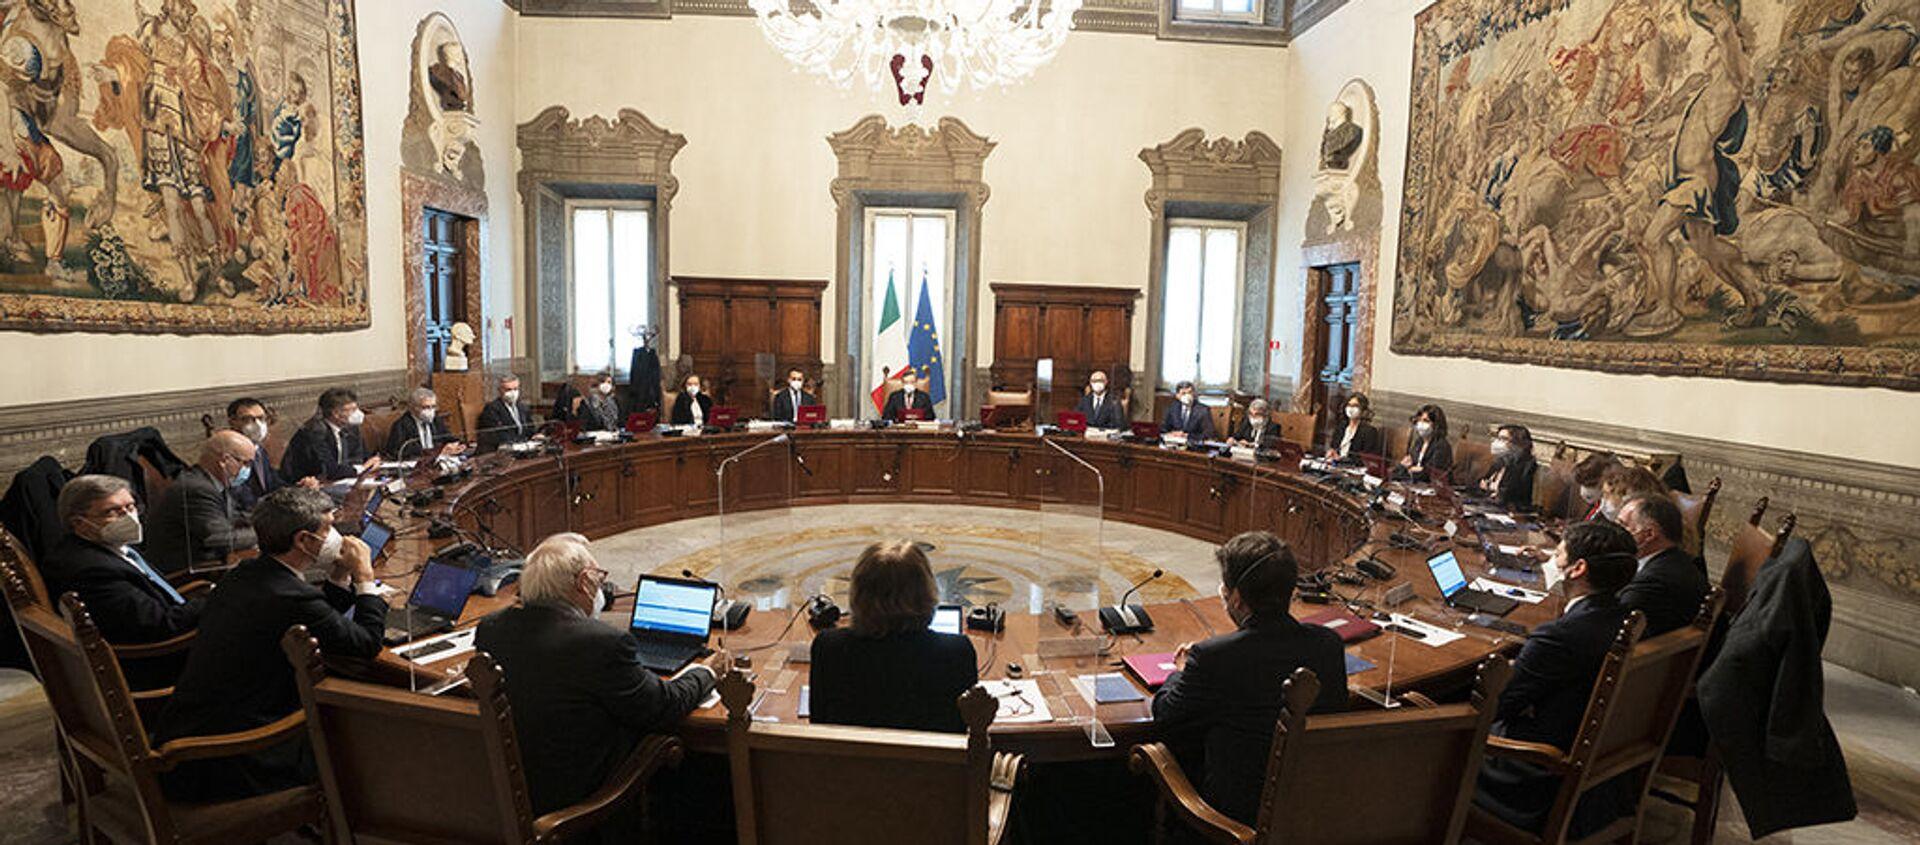 Primo Consiglio dei ministri del Governo Draghi - Sputnik Italia, 1920, 31.03.2021